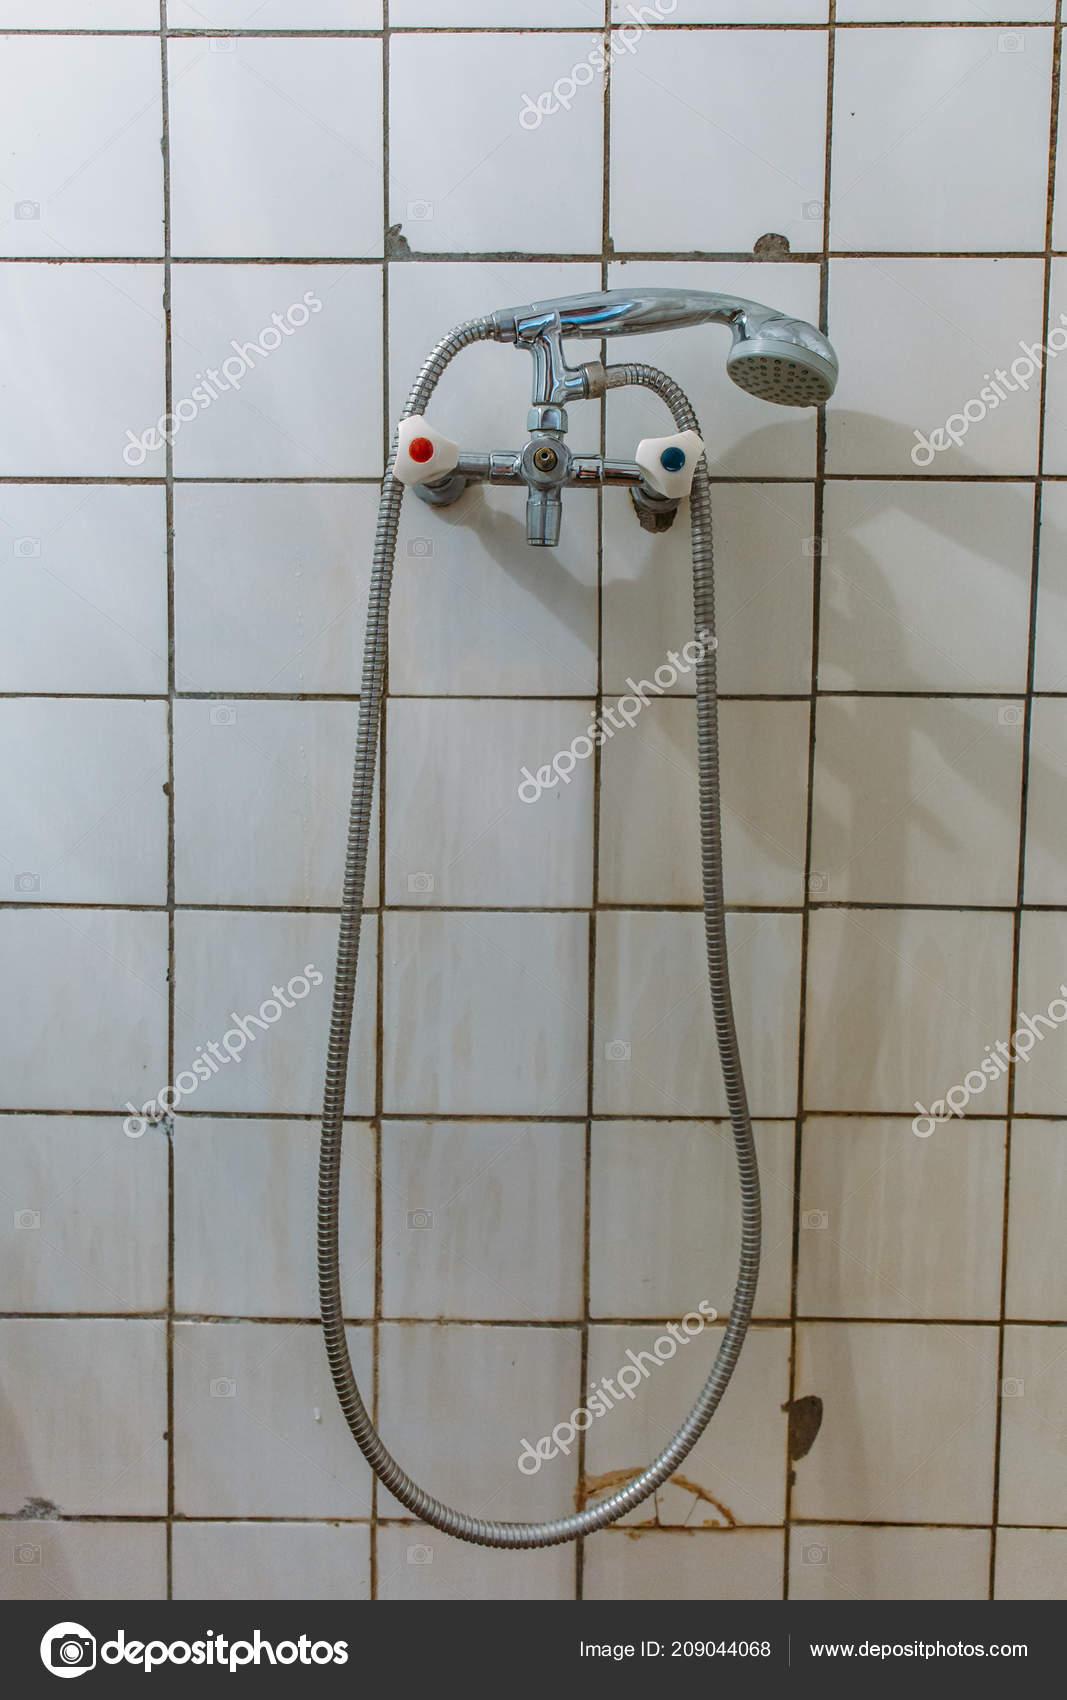 Old Steel Shower Faucet At White Vintage Tile Background